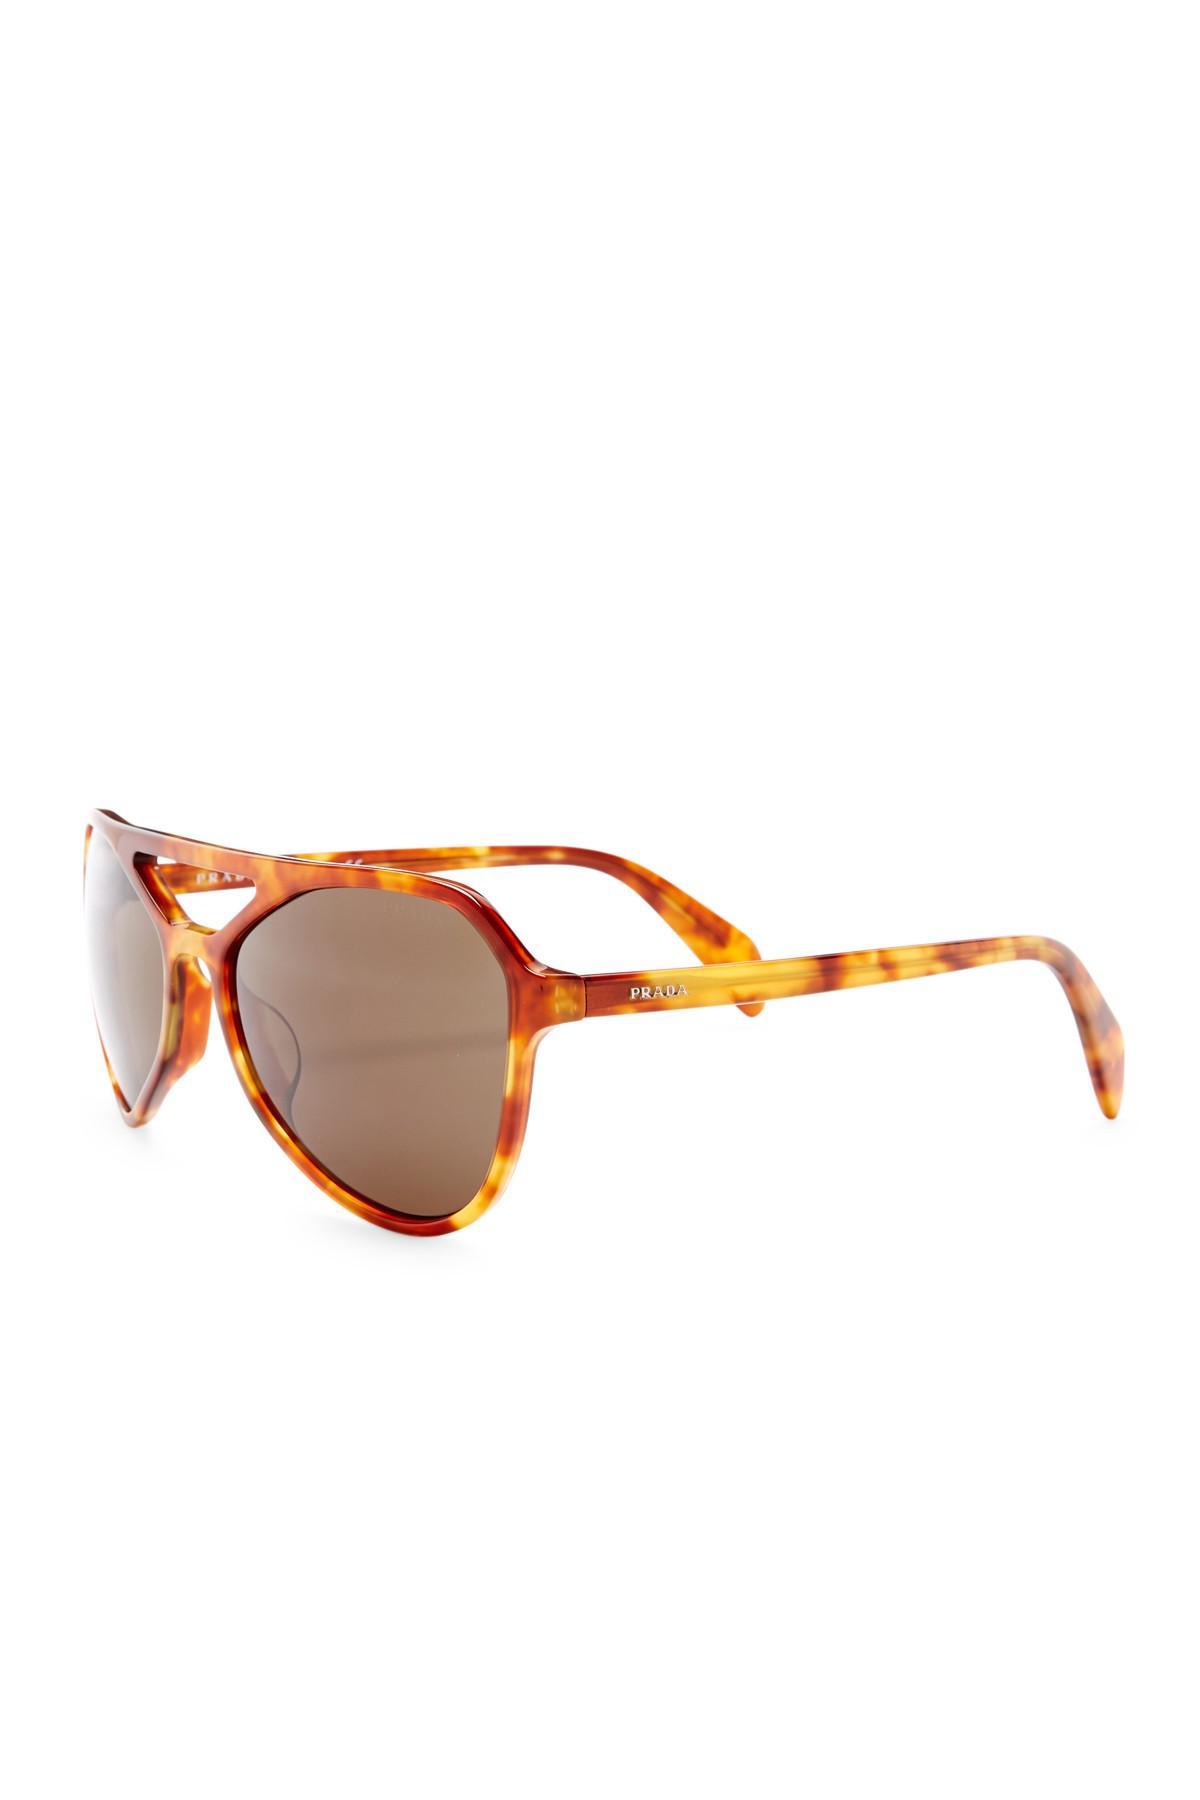 789b86f83b2d Lyst - Prada Men s Catwalk Aviator Acetate Frame Sunglasses for Men